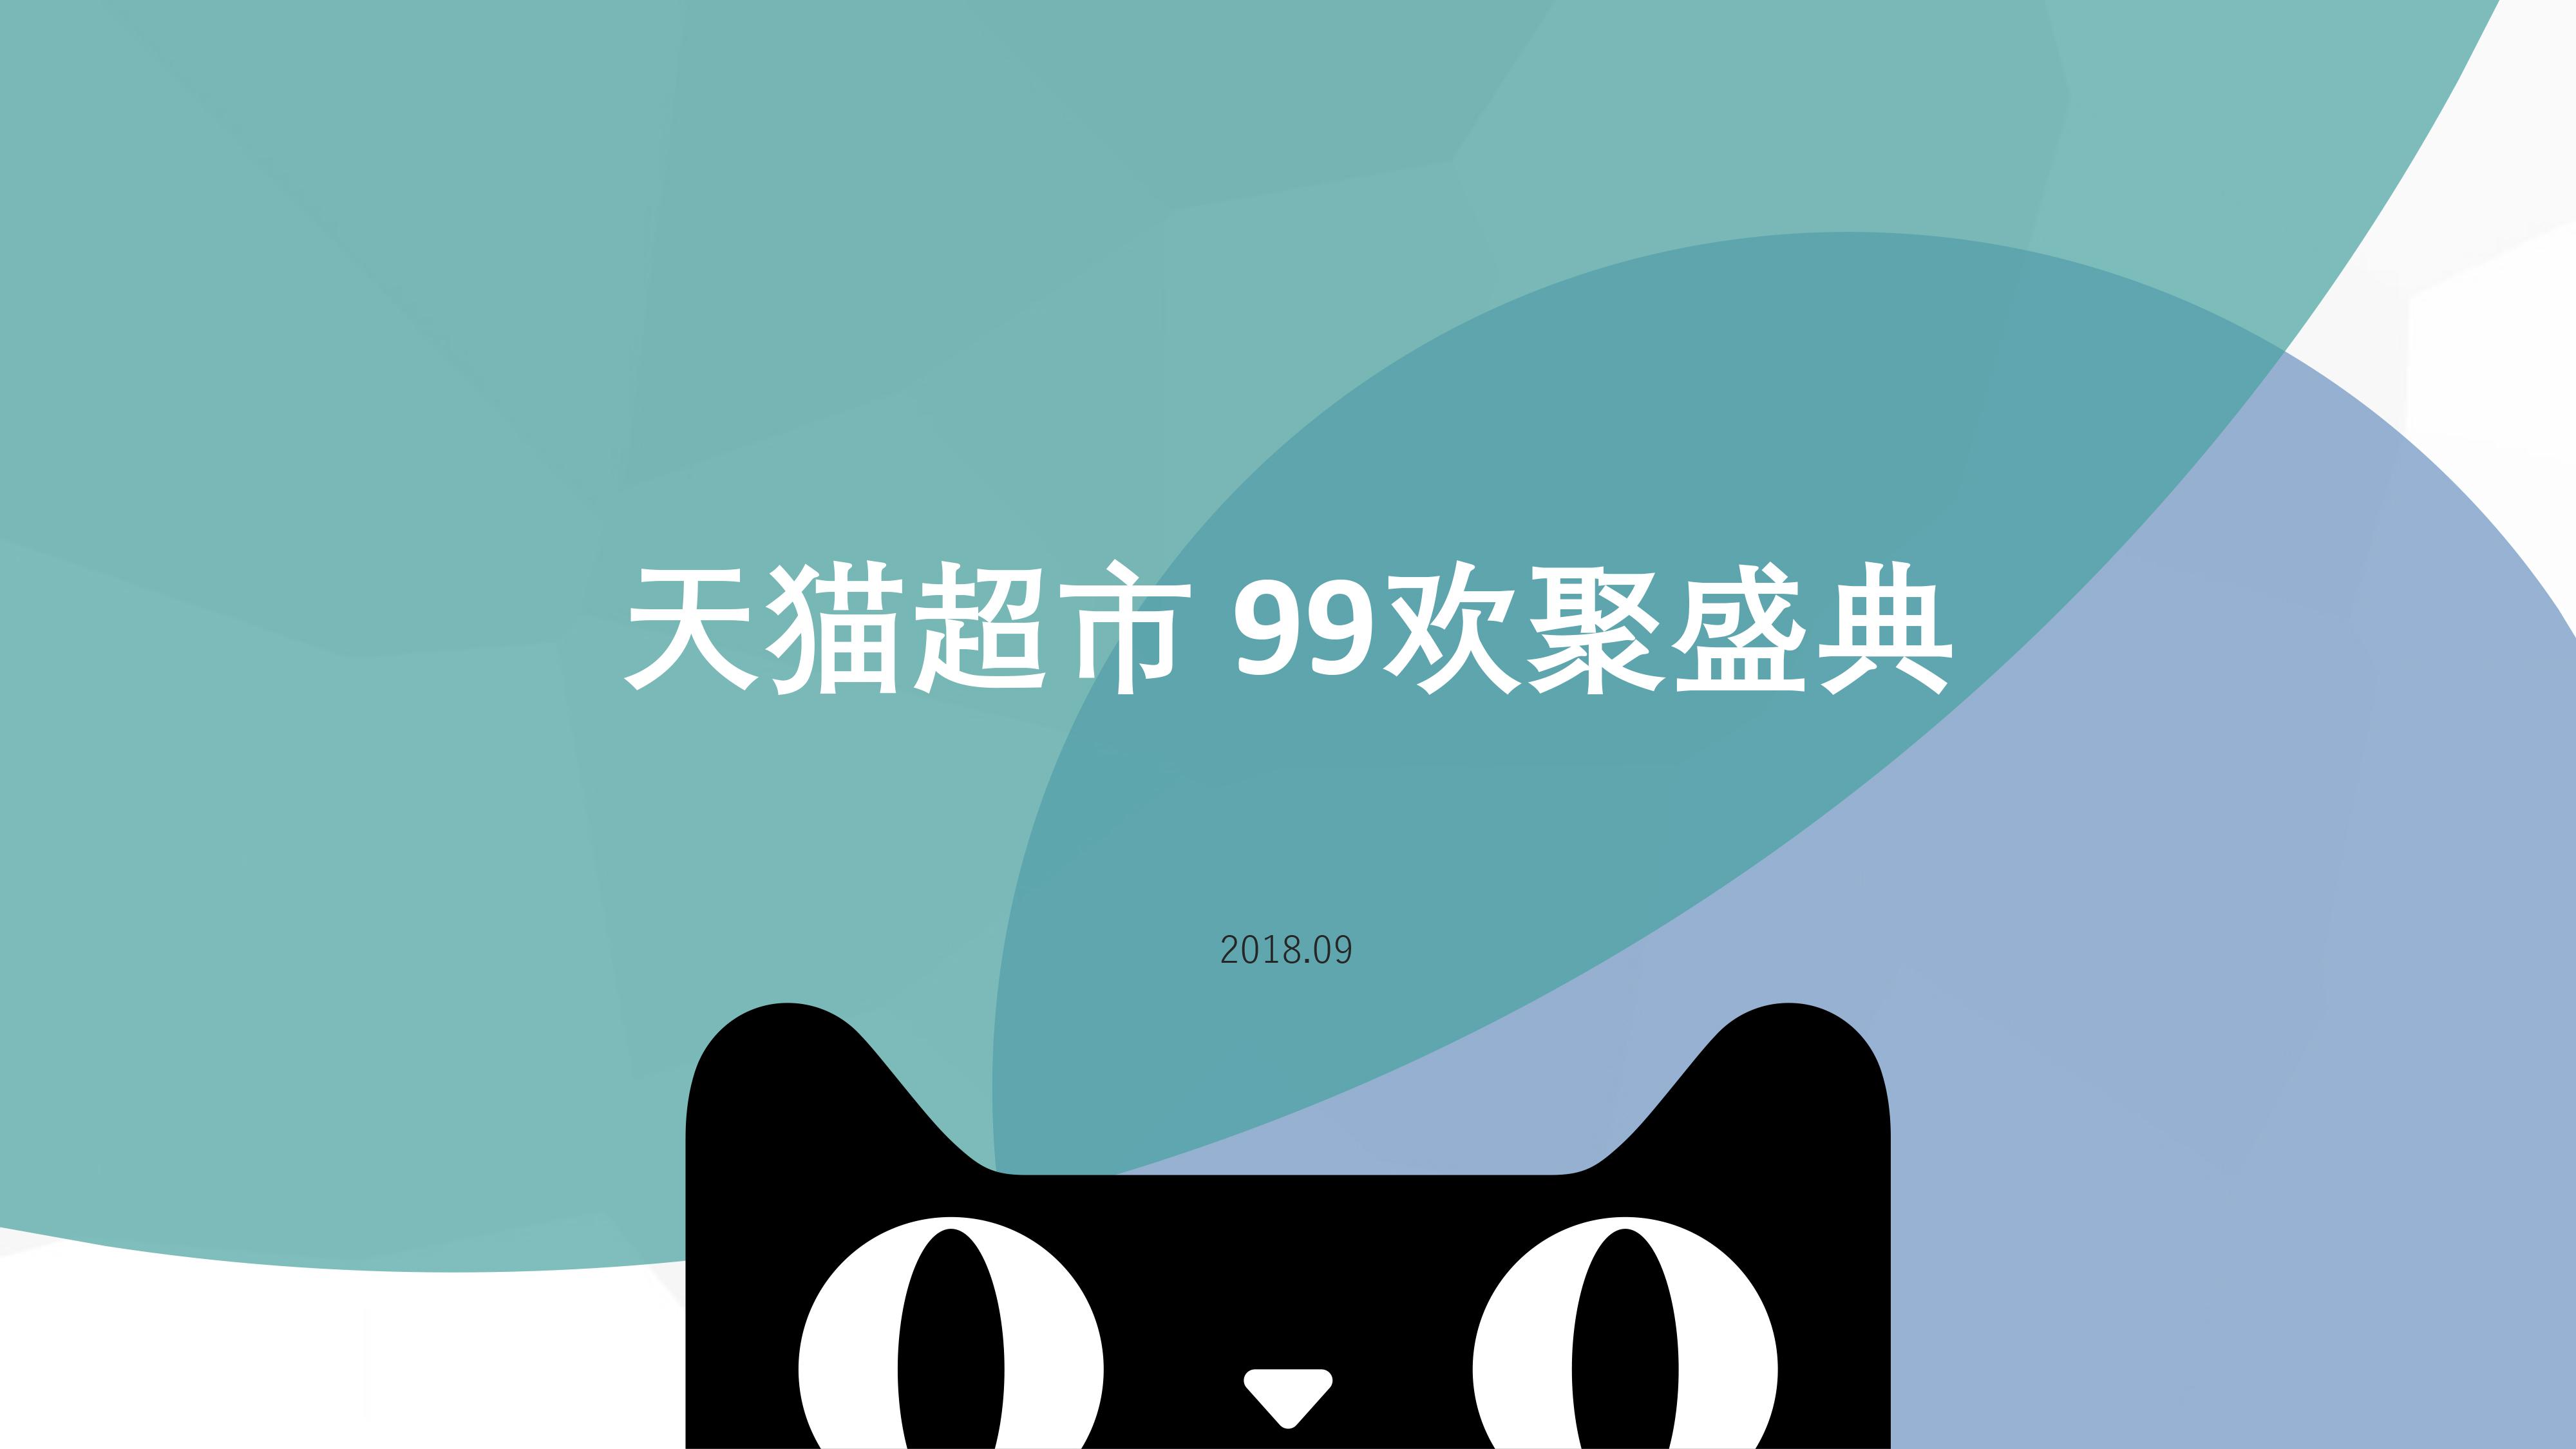 天猫超市99复盘-v3-1